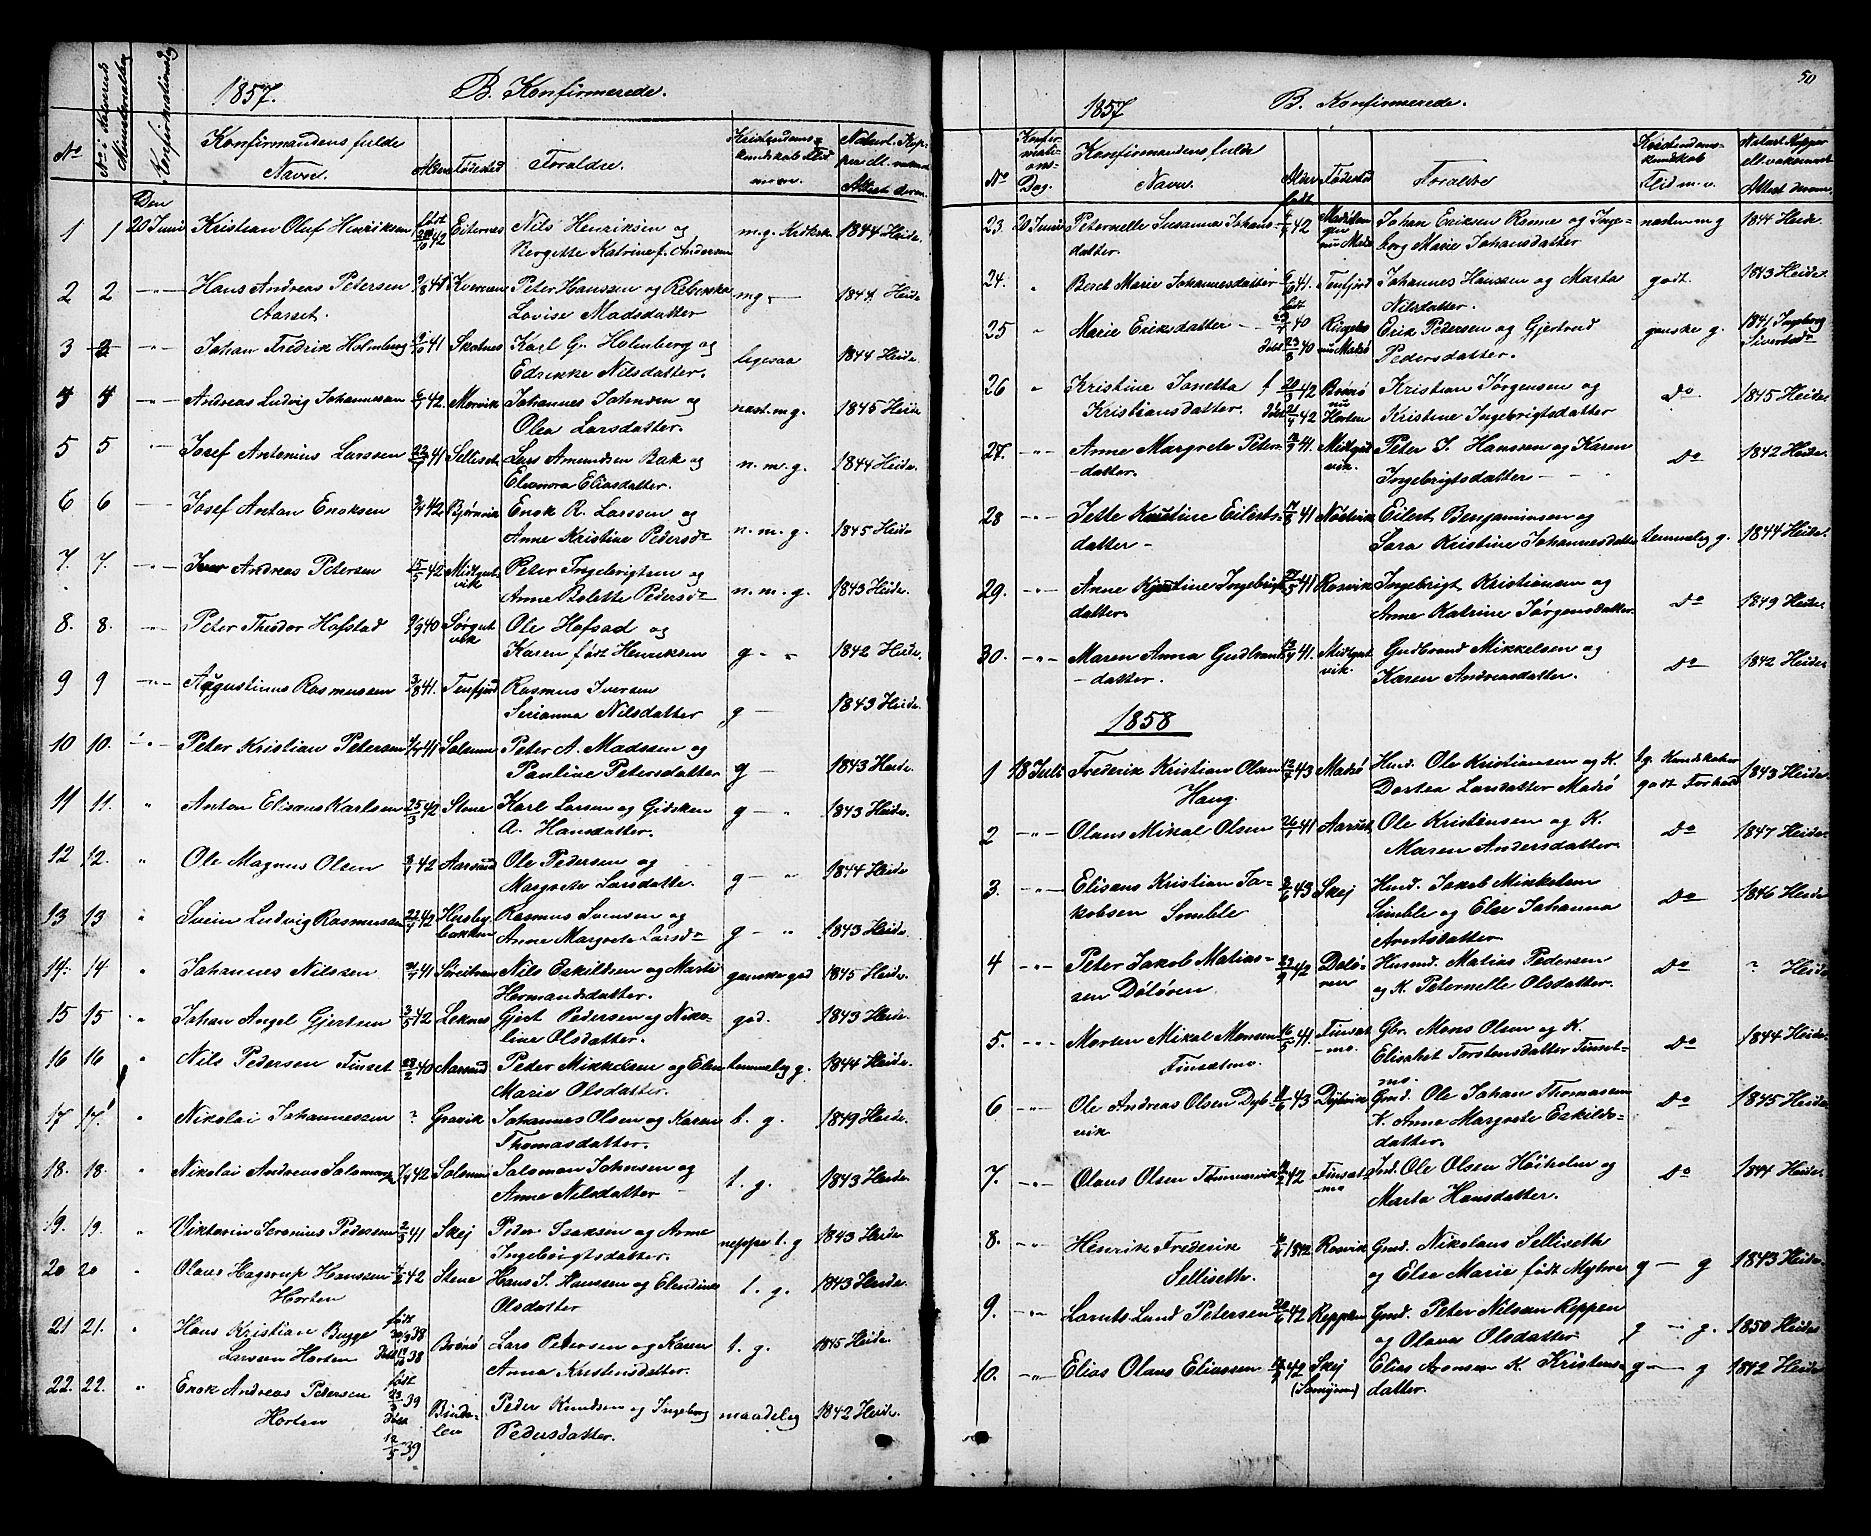 SAT, Ministerialprotokoller, klokkerbøker og fødselsregistre - Nord-Trøndelag, 788/L0695: Ministerialbok nr. 788A02, 1843-1862, s. 50